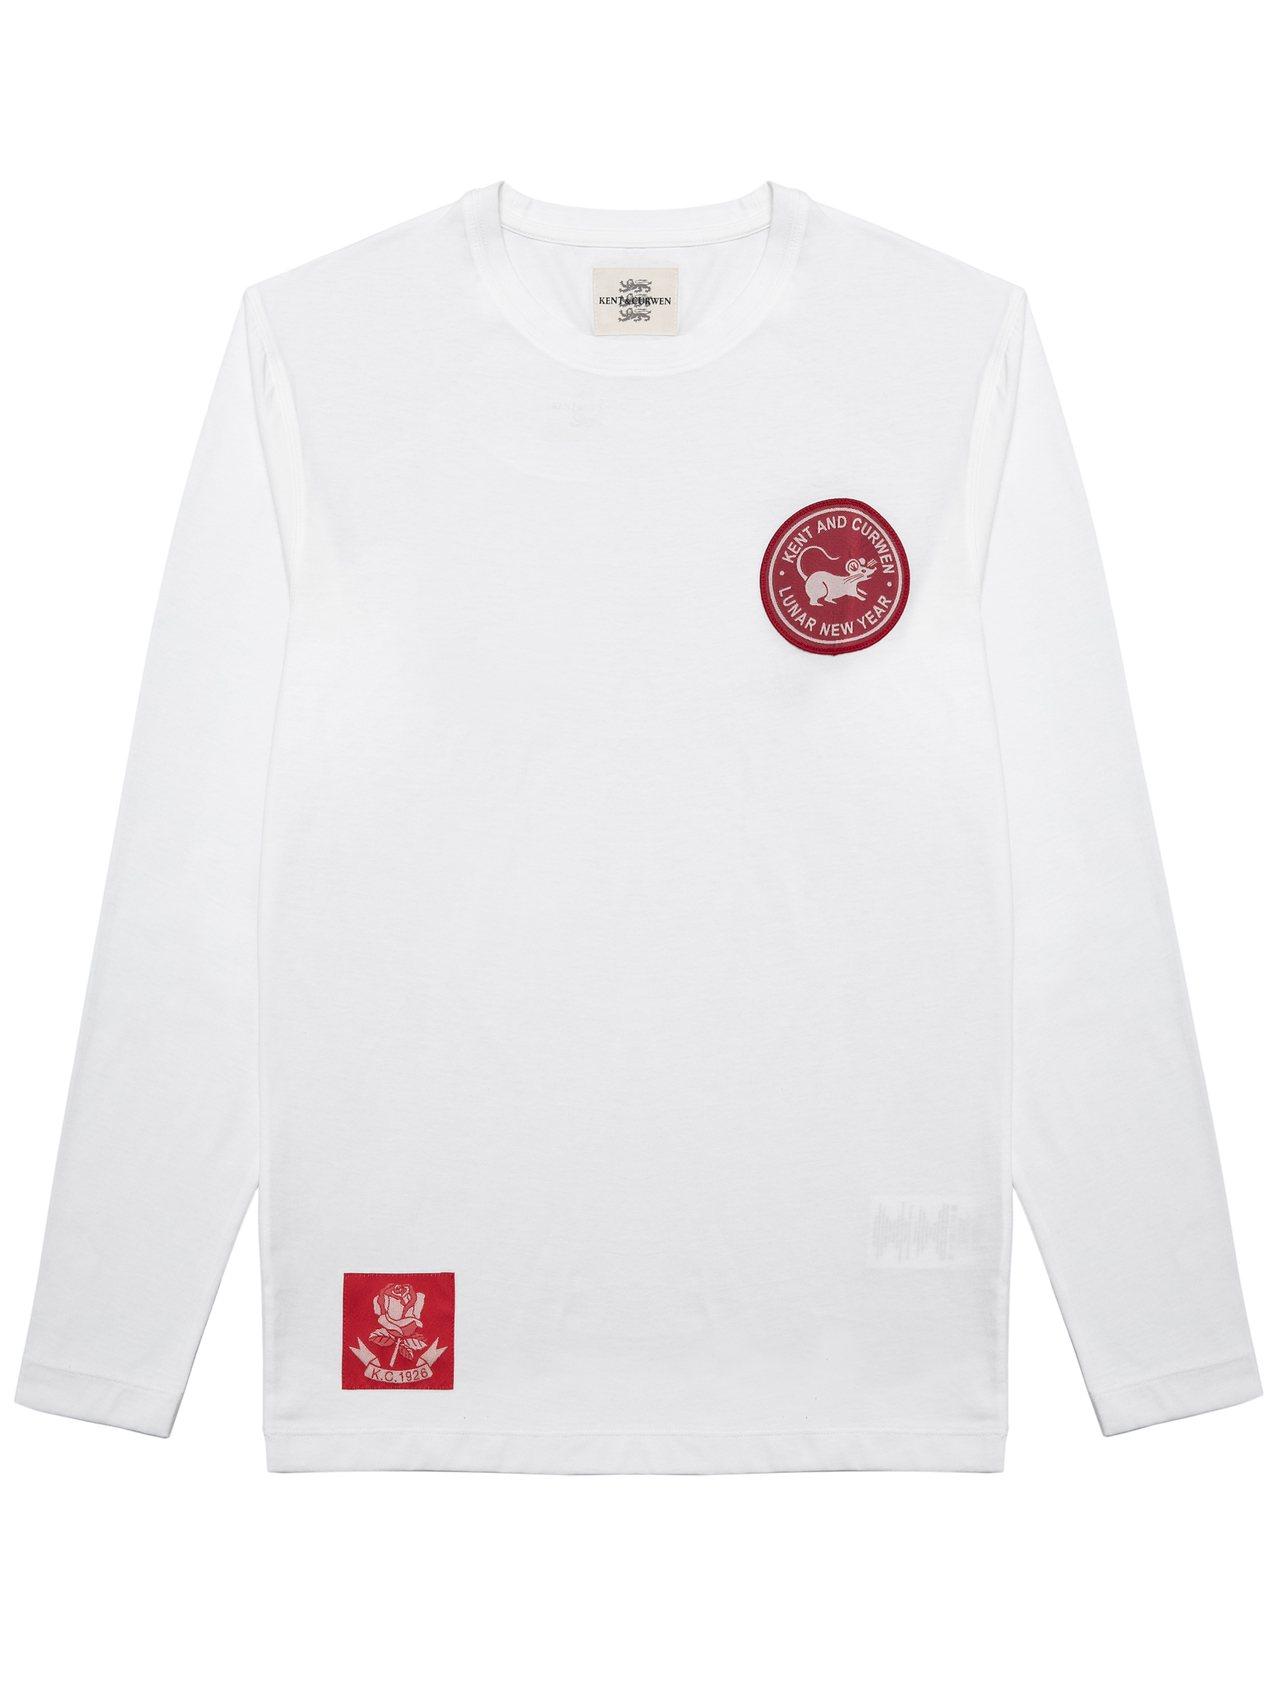 Kent & Curwen鼠年限定迷你系列白色T恤4,830元。圖/Kent &...